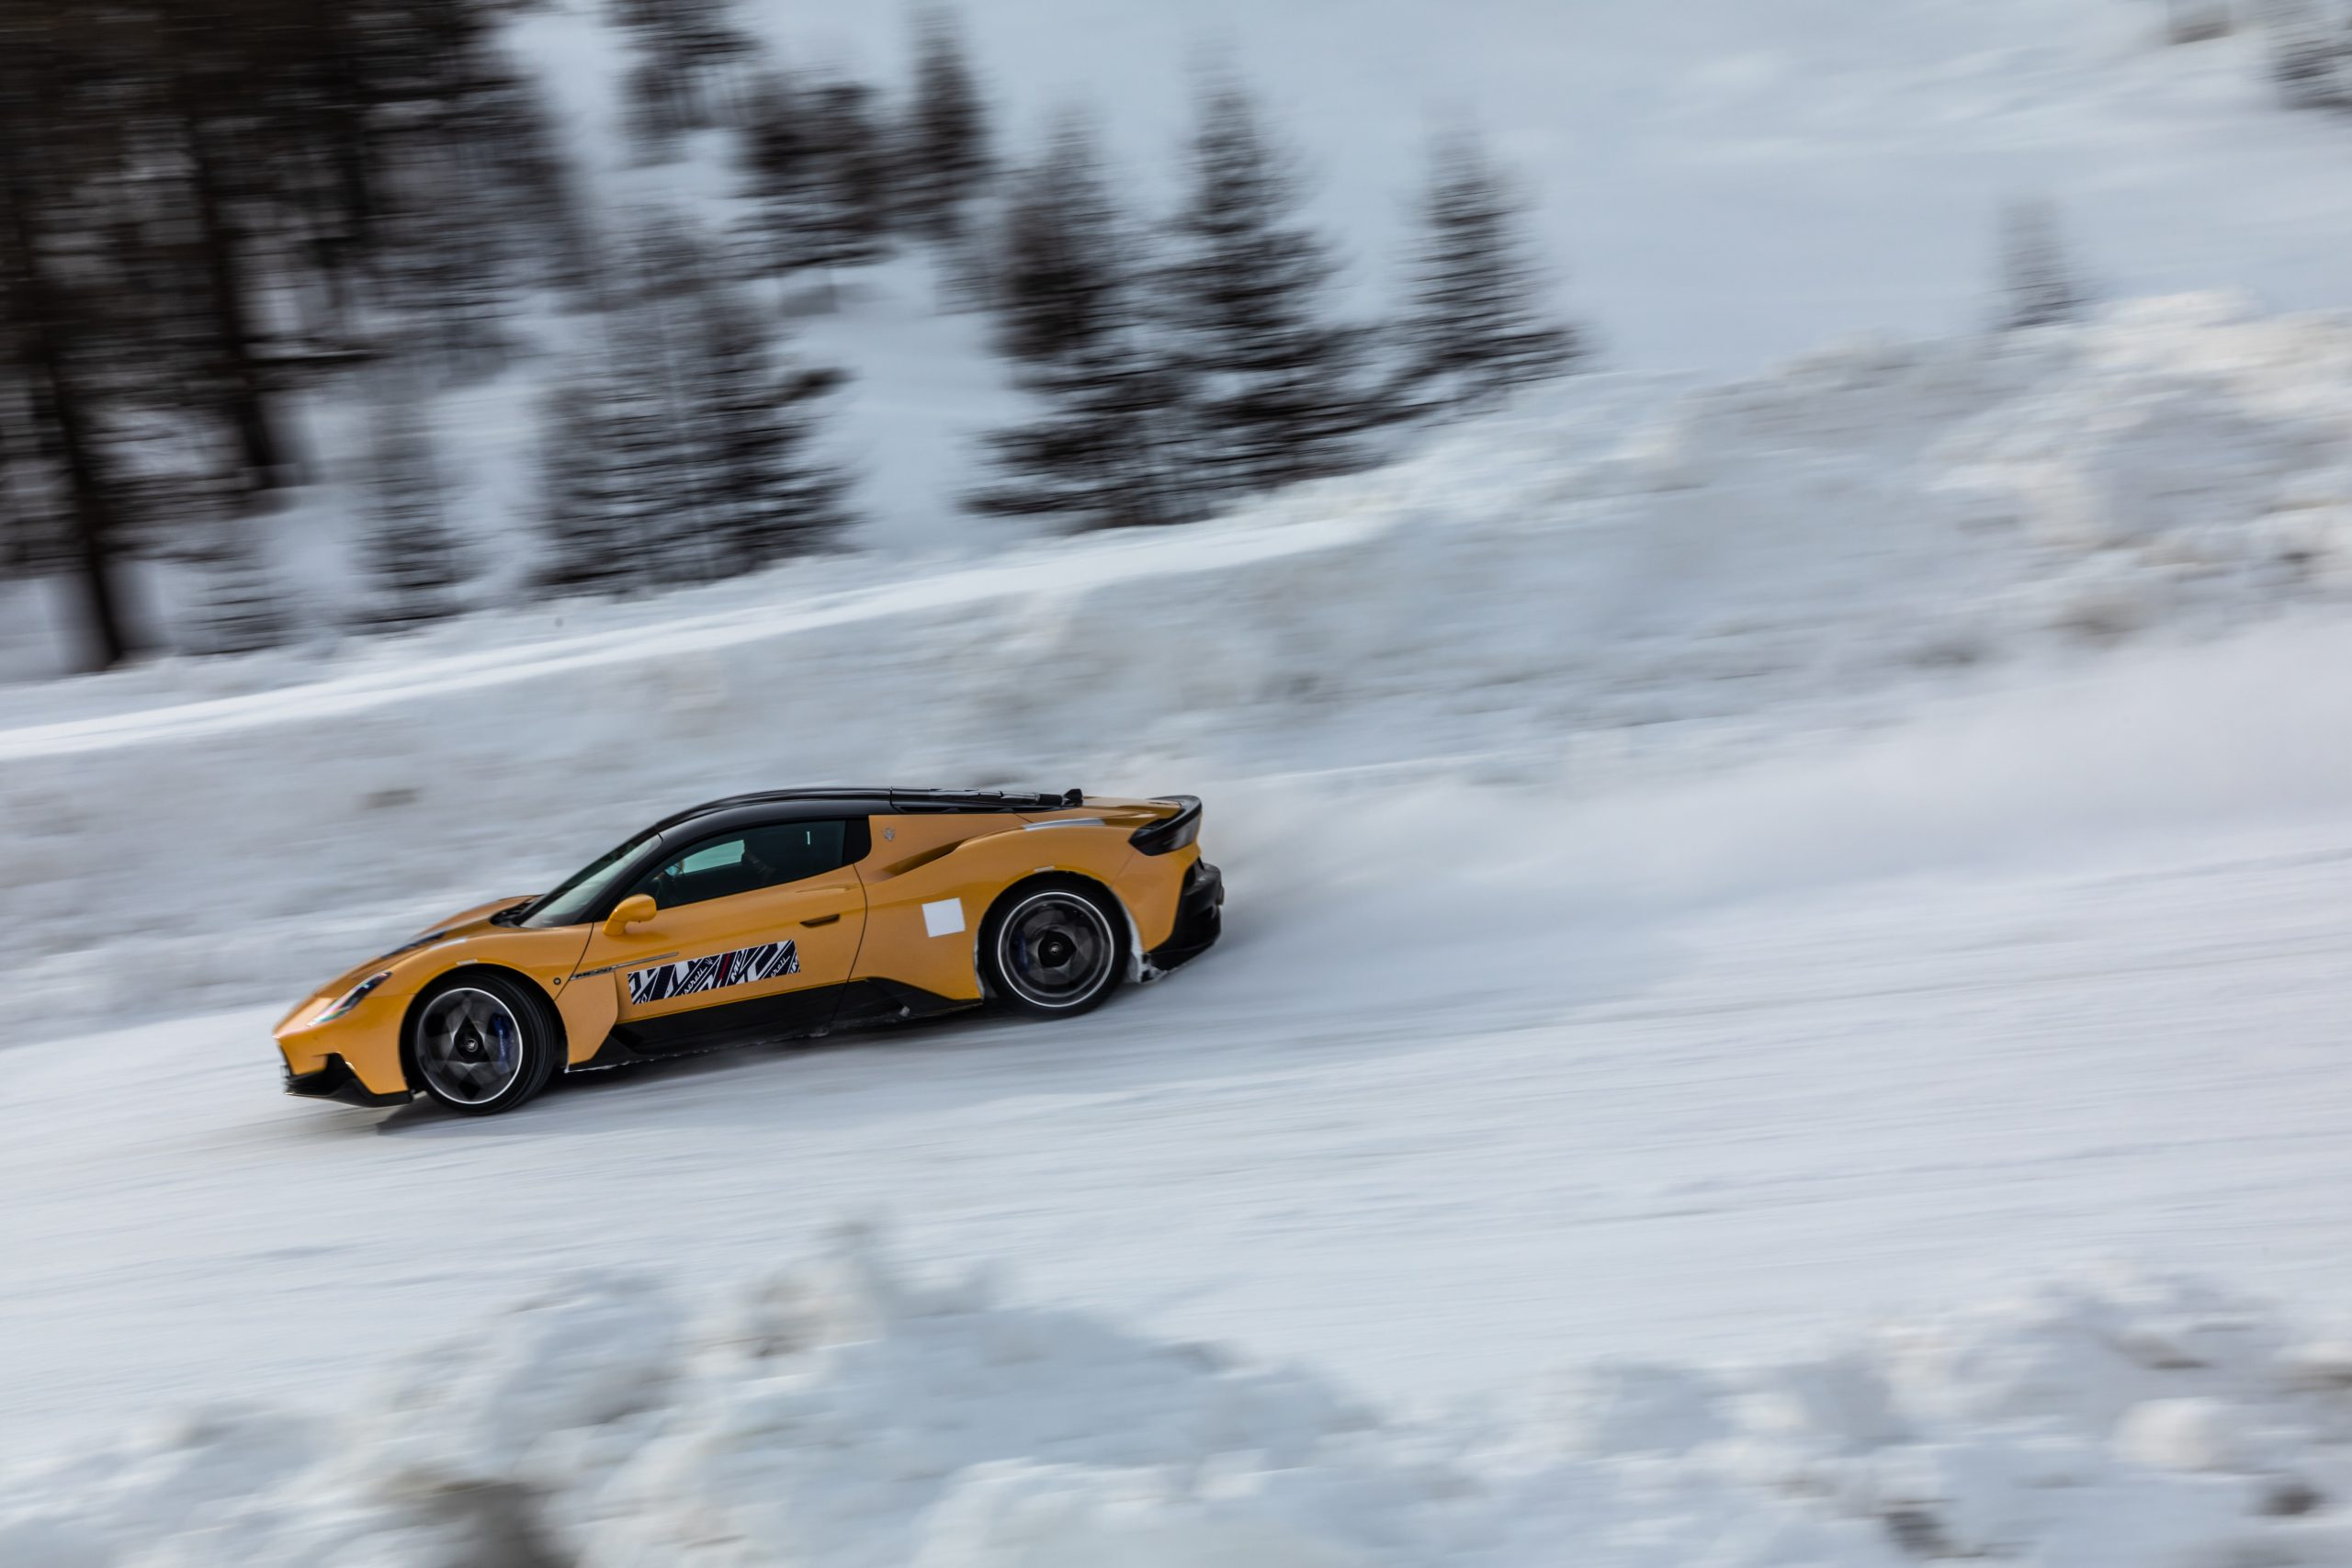 Maserati_MC20_Cold_Test_Livigno 3